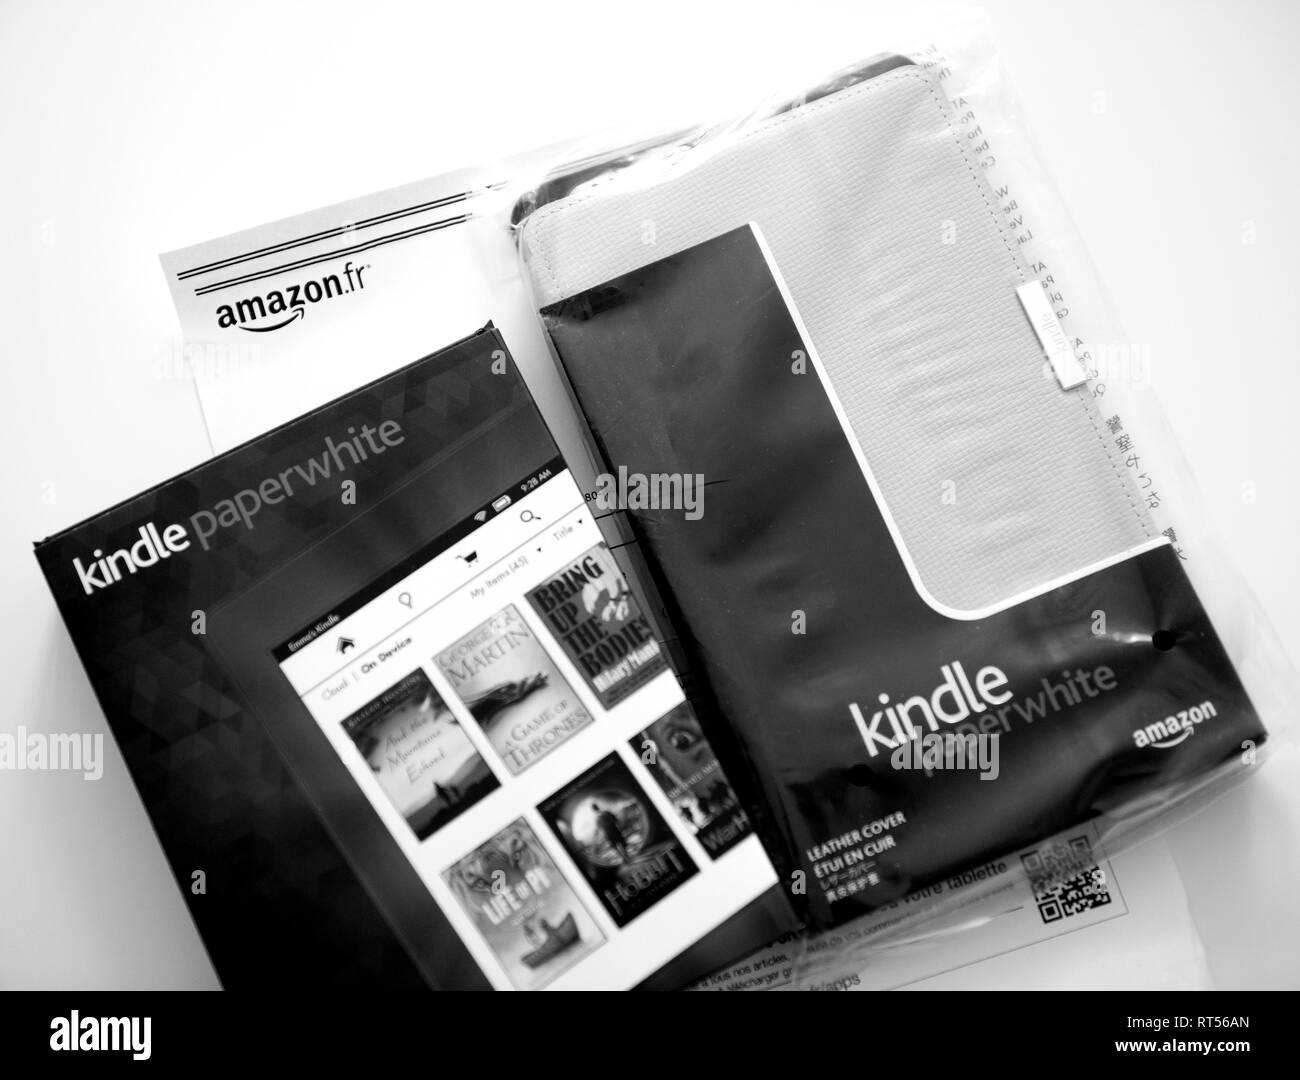 PARIS, FRANCE - Mai 2016: Nouveau Amazon Kindle e-reader de sulfure dispositif électronique et sa couverture en cuir sur le papier A4 blanc et comprennent le prix de la facture Photo Stock